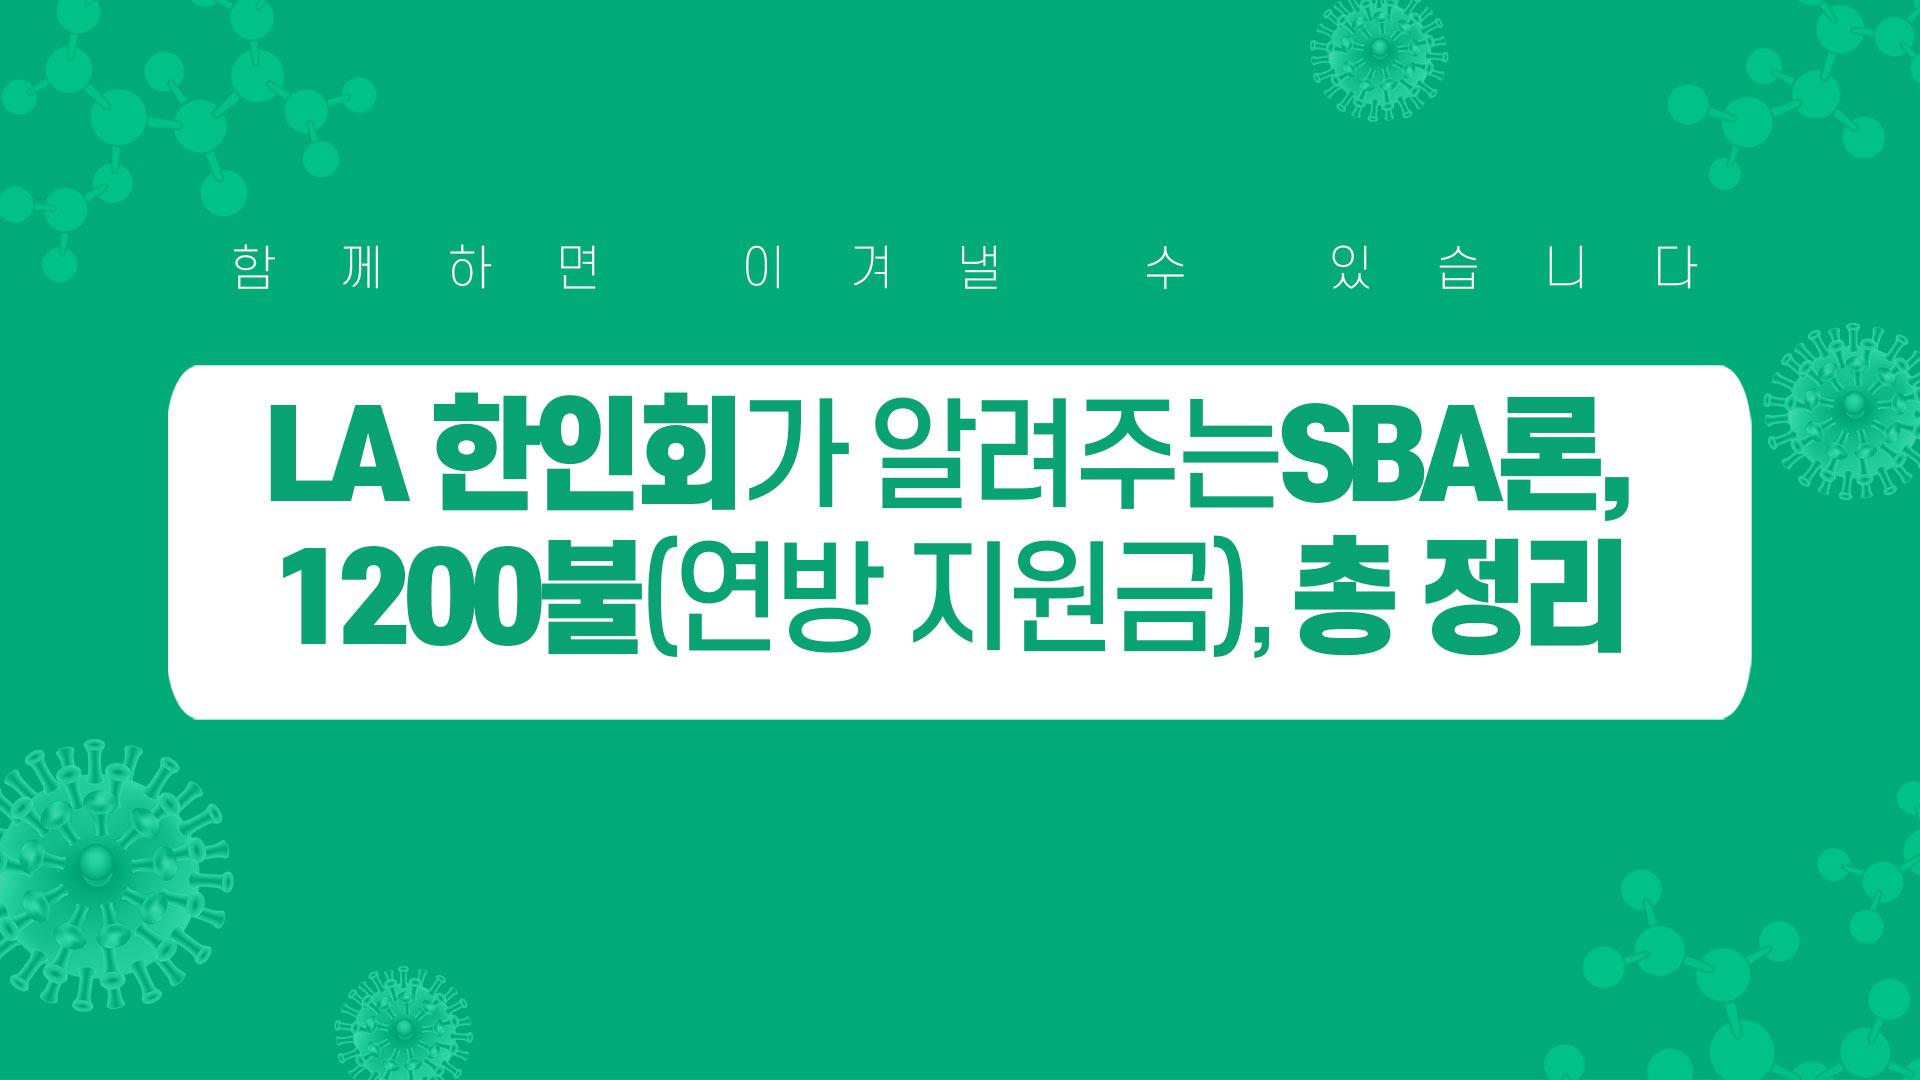 LA한인회가 알려주는 SBA론, $1,200불(연방 지원금) 총 정리